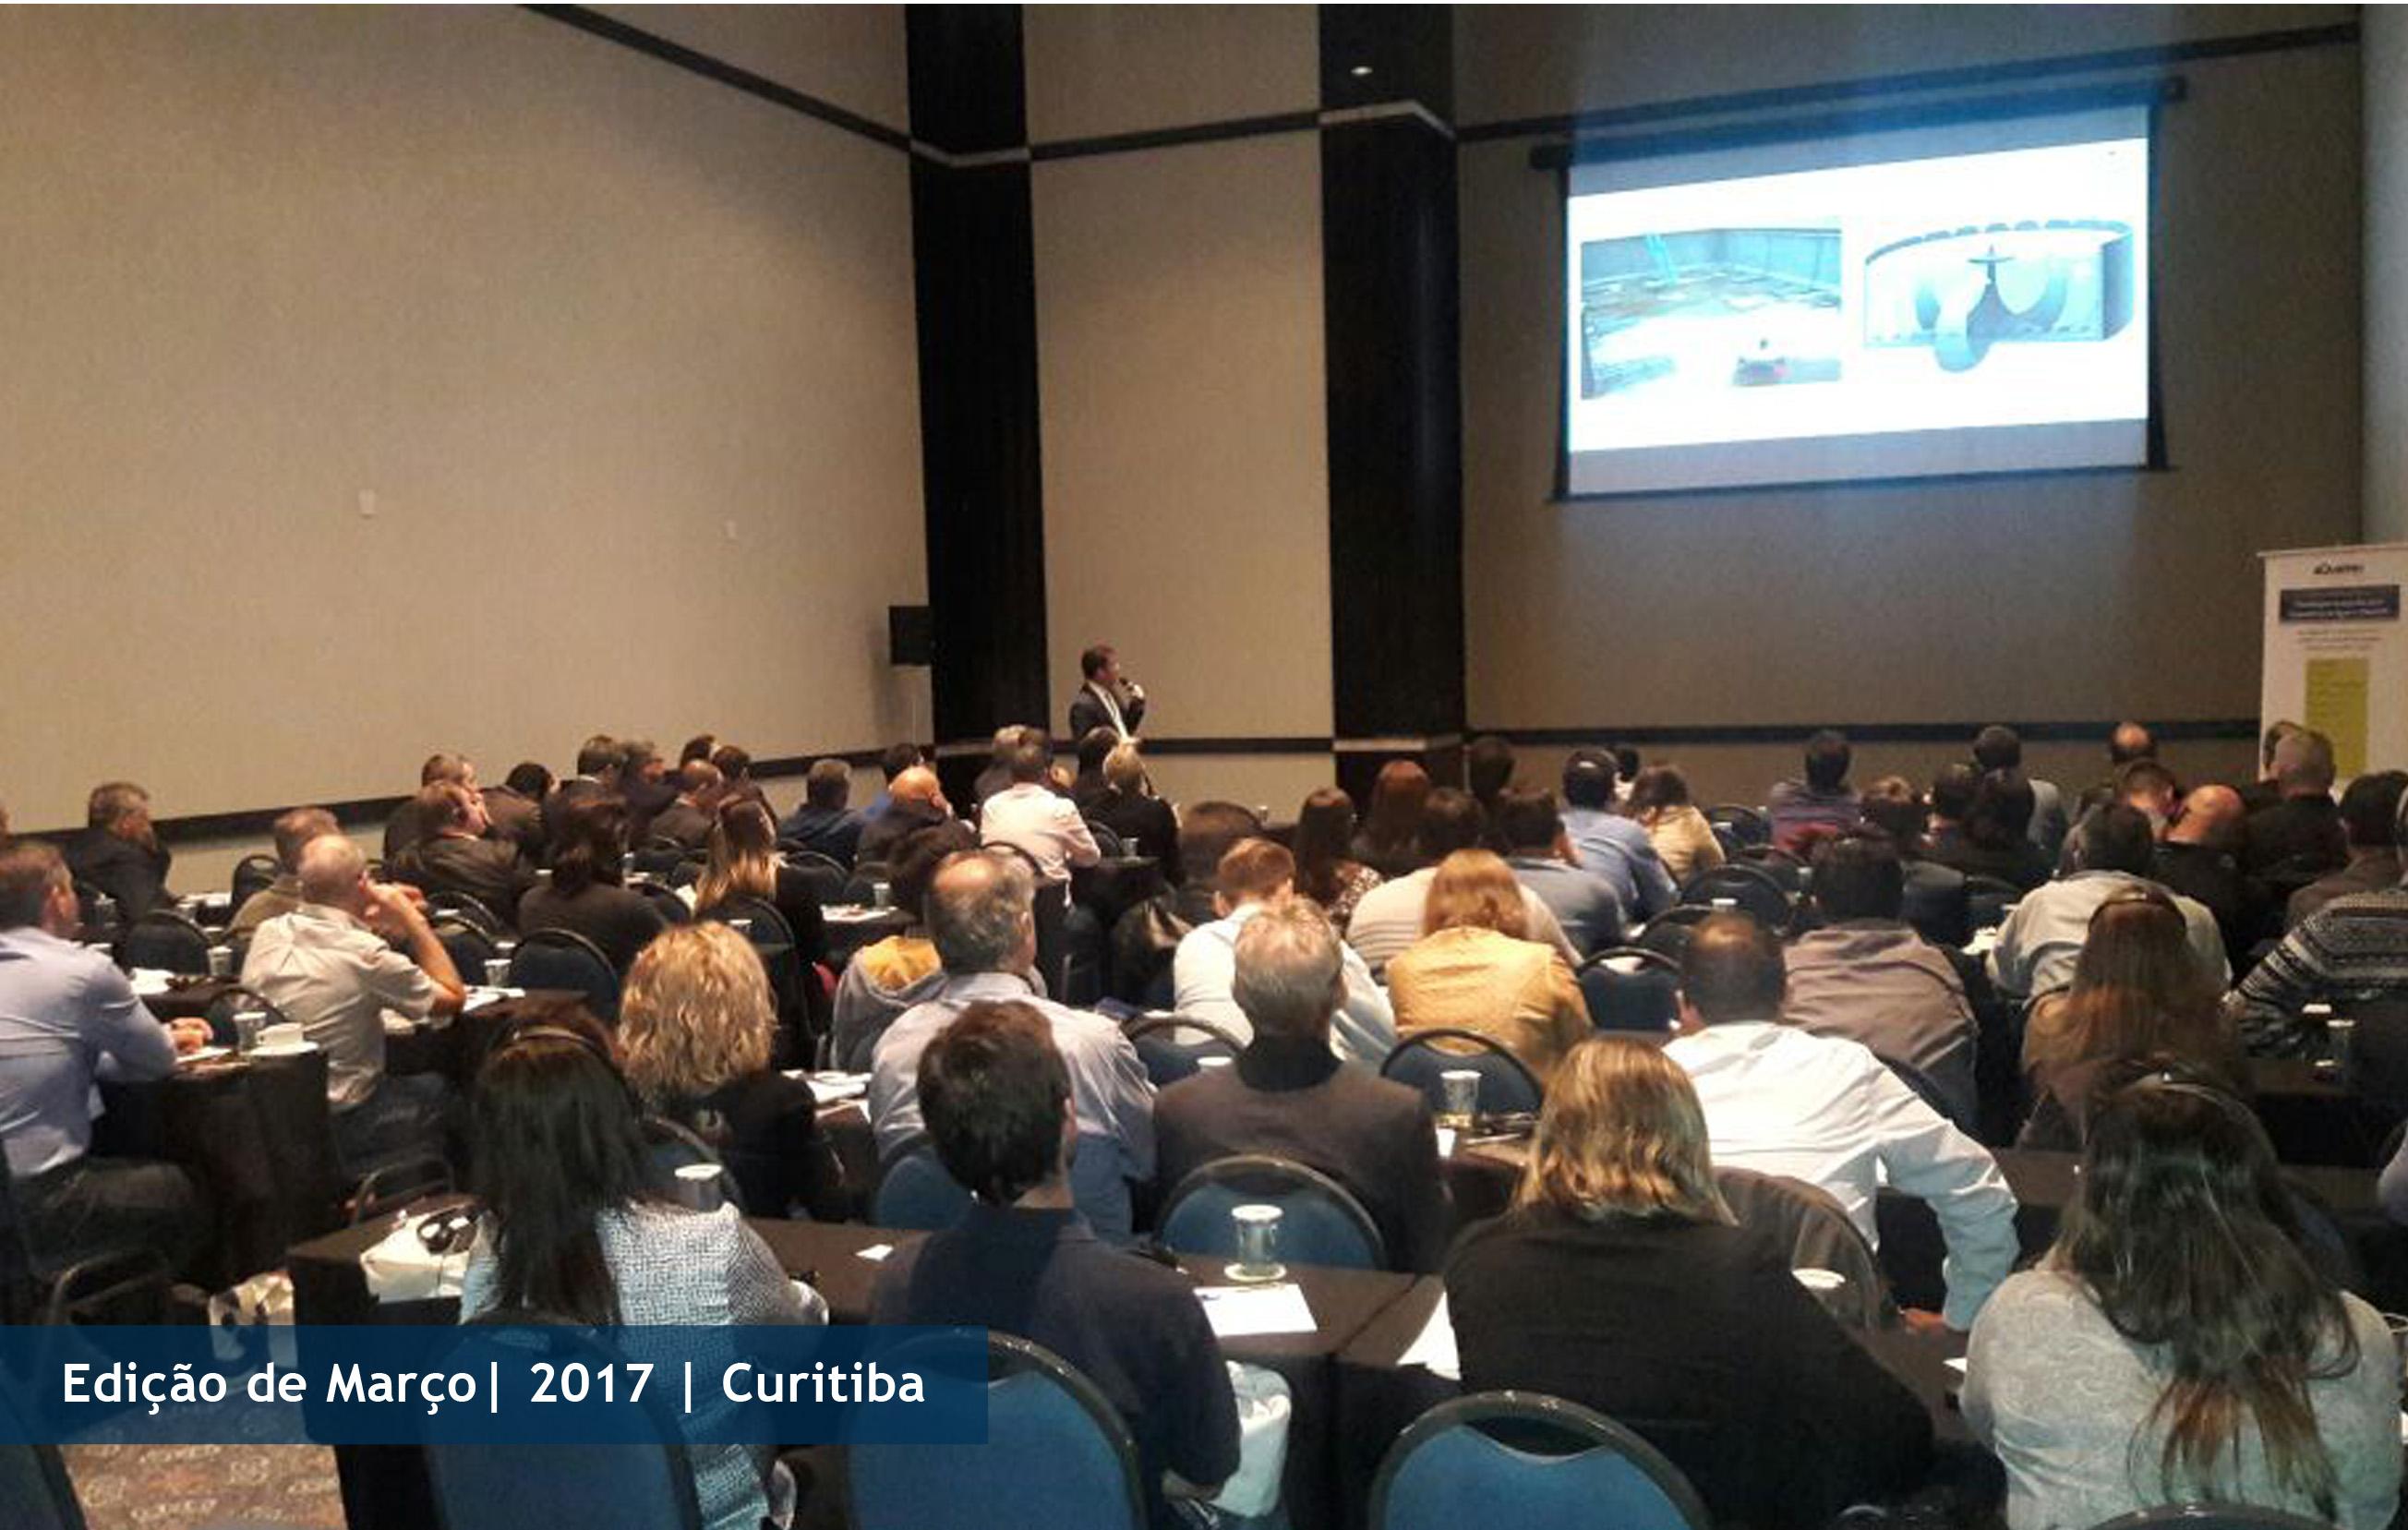 Edição de Curitiba   2017